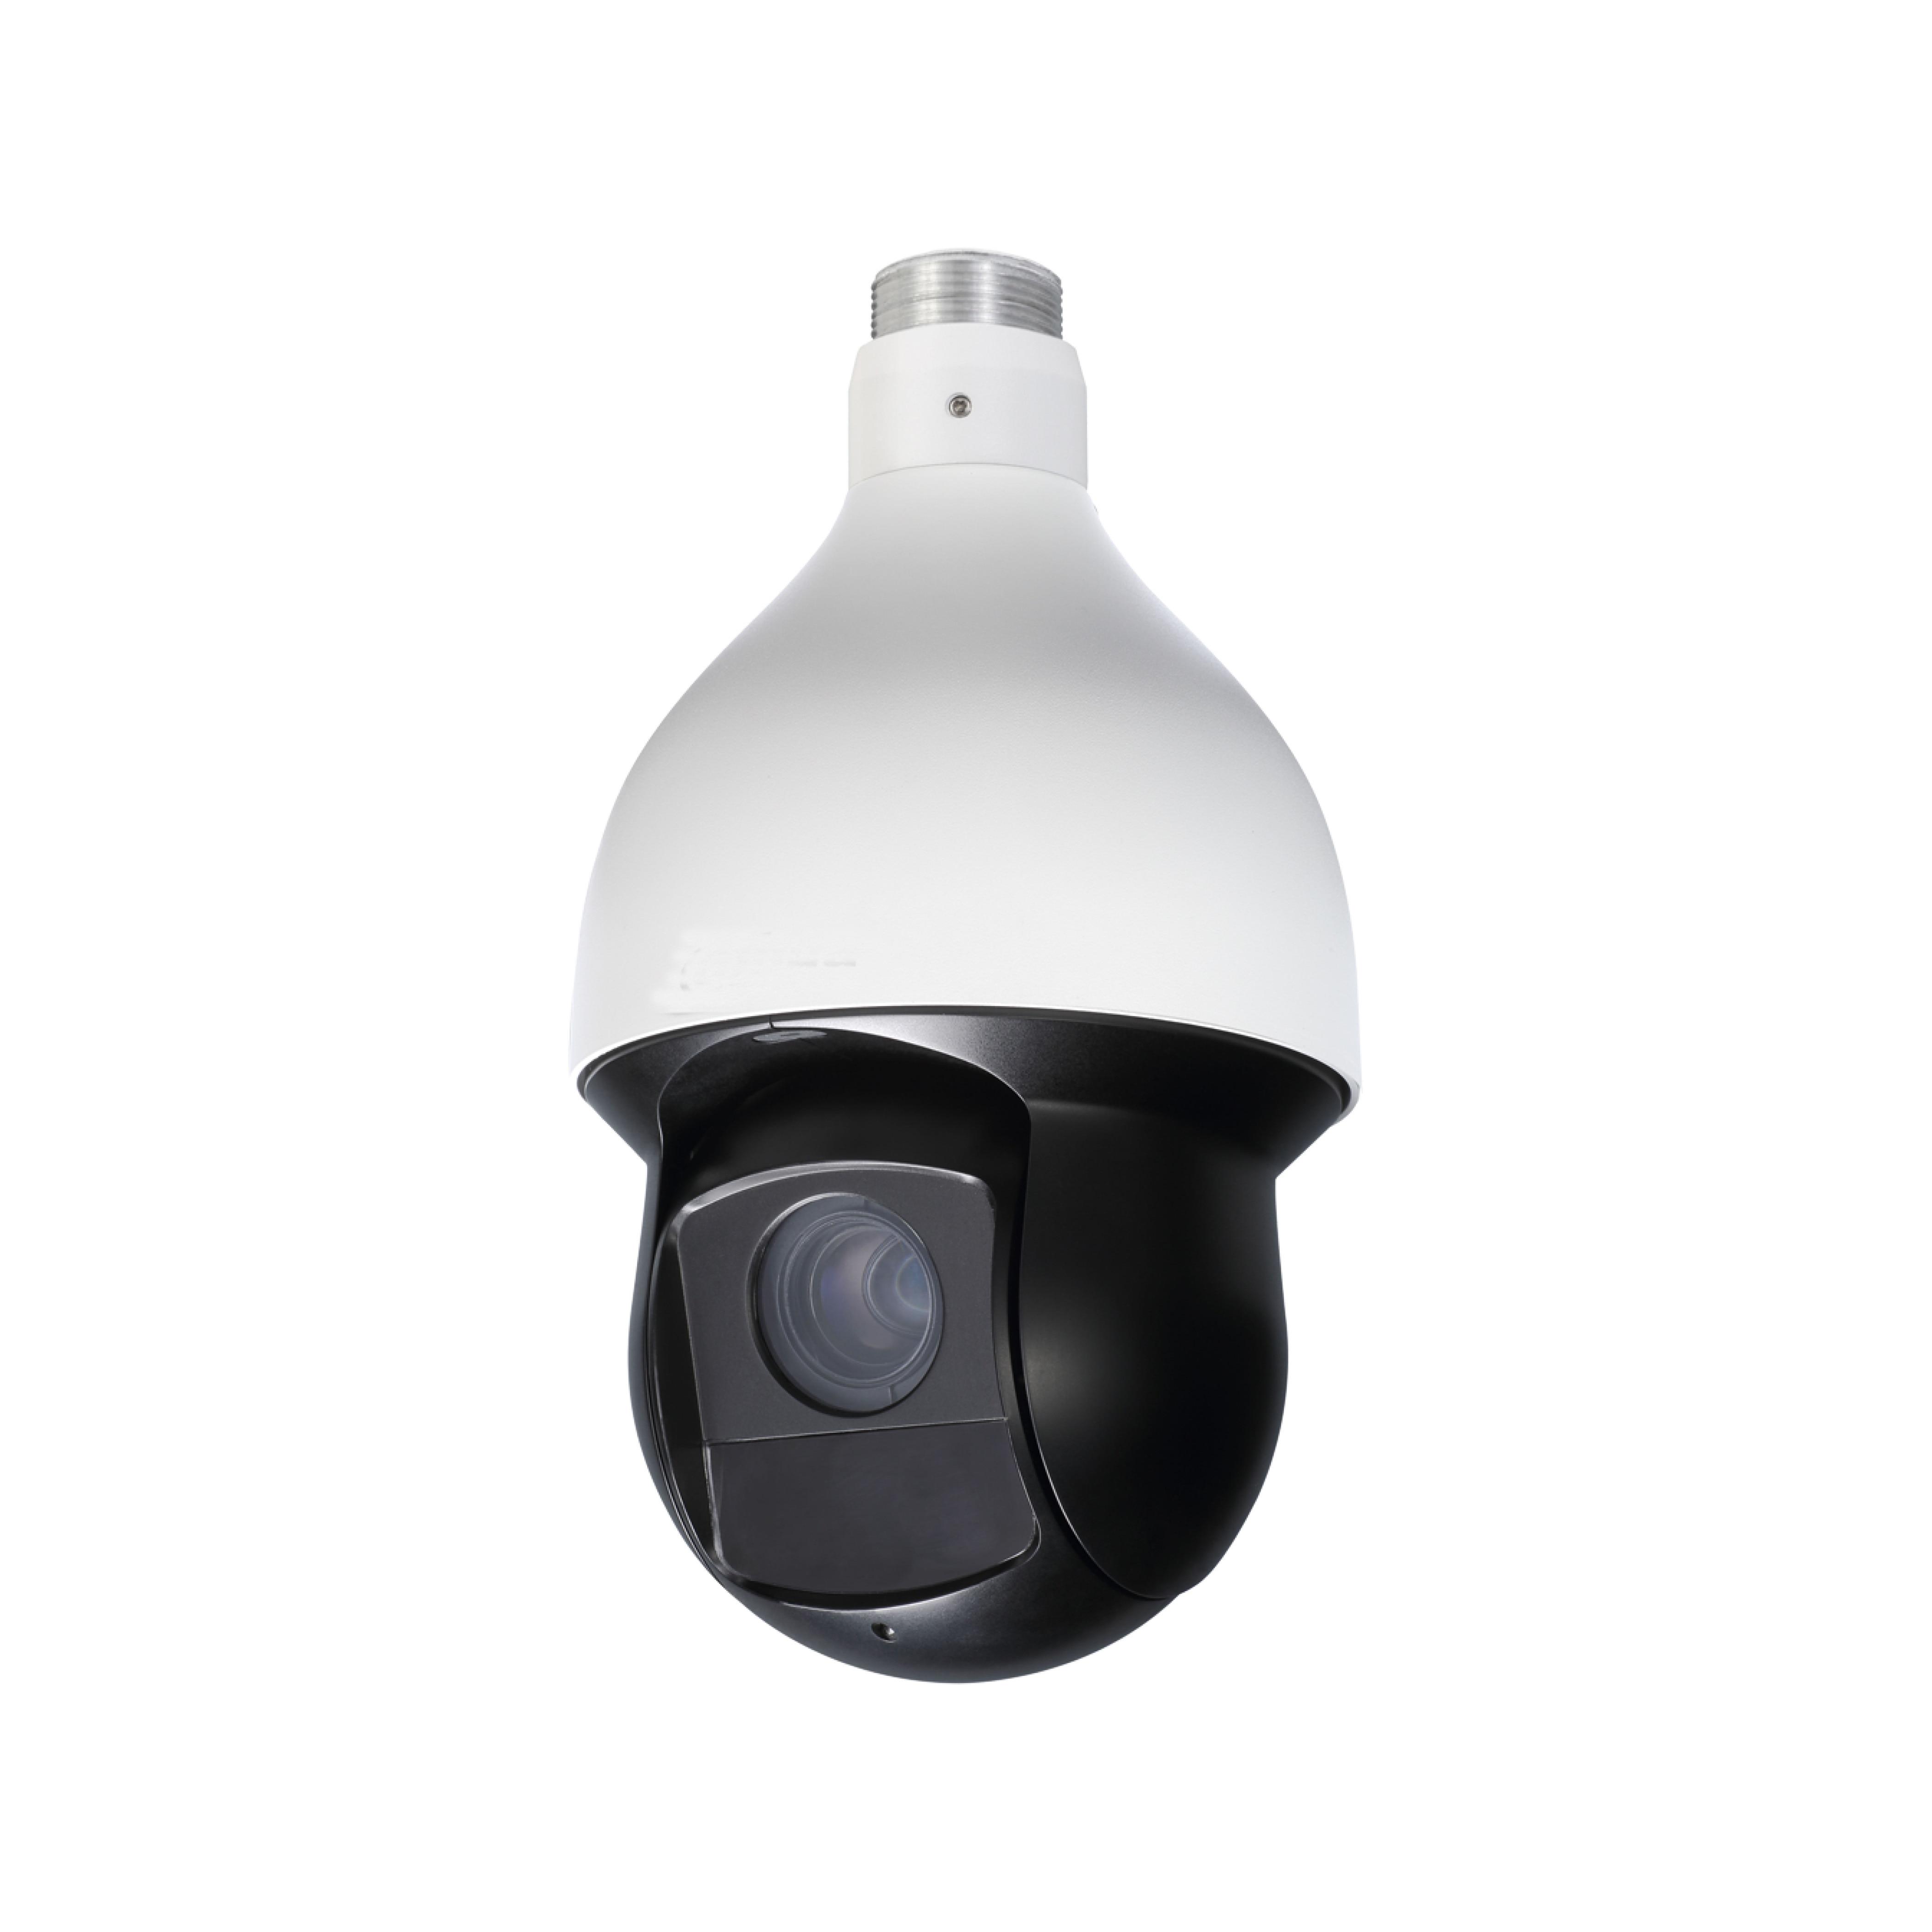 CCTV 2MP 25x Starlight IR PTZ Network IP Camera 4.8 120mm 150 m IR Starlight H.265 Encoding Auto  tracking IVS PoE + SD59225U HNI-in Beveiligingscamera´s van Veiligheid en bescherming op AliExpress - 11.11_Dubbel 11Vrijgezellendag 1